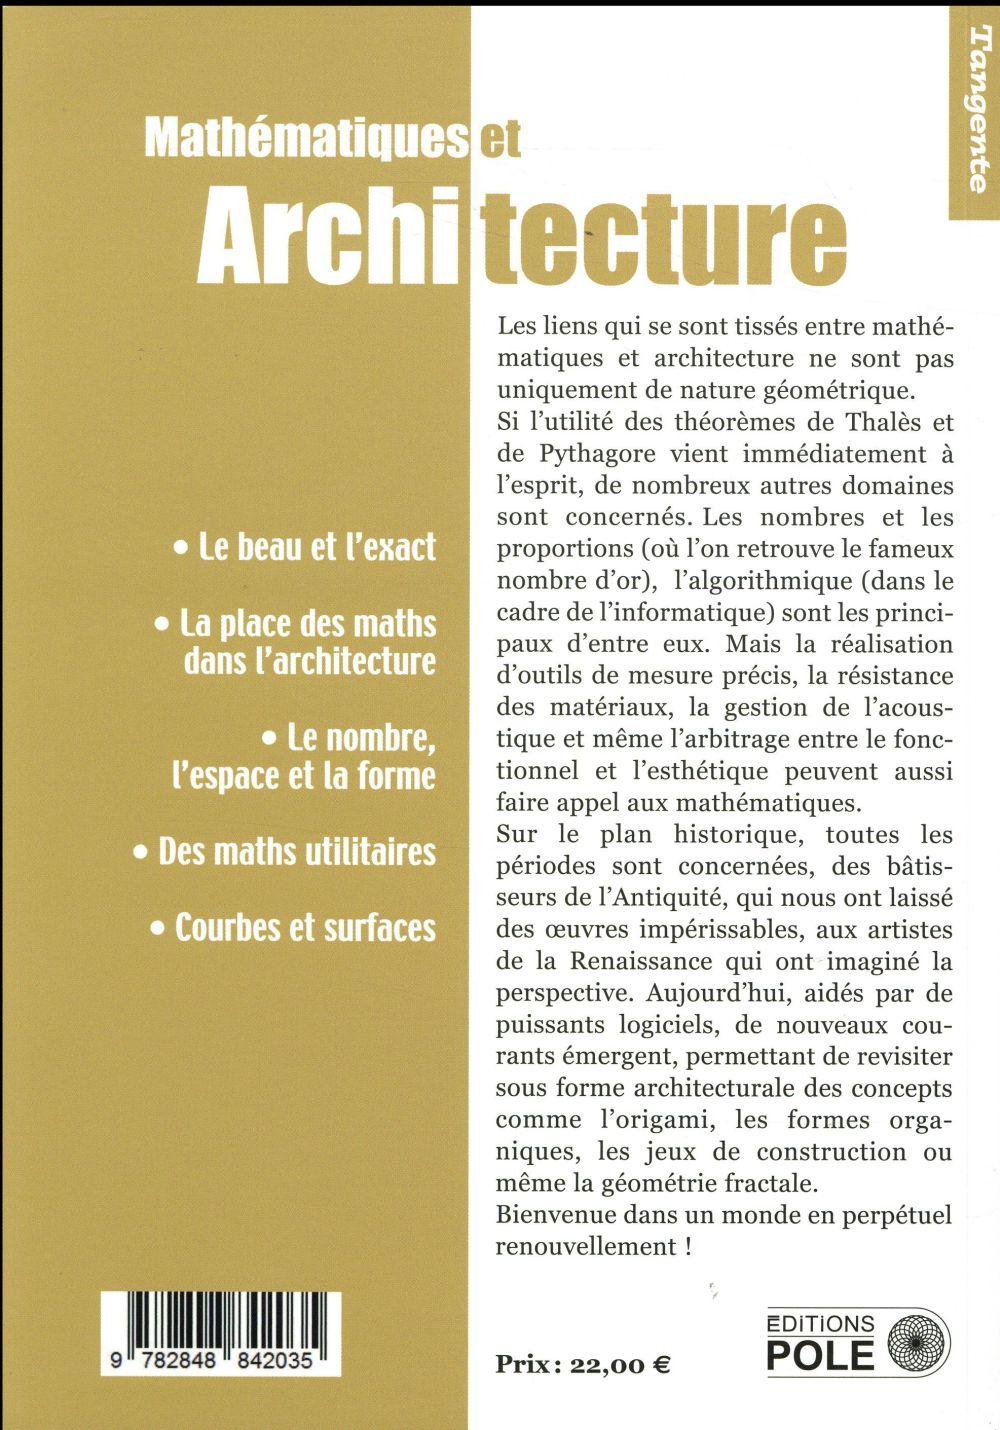 Mathematiques et architecture ; a la recherche de l'harmonie